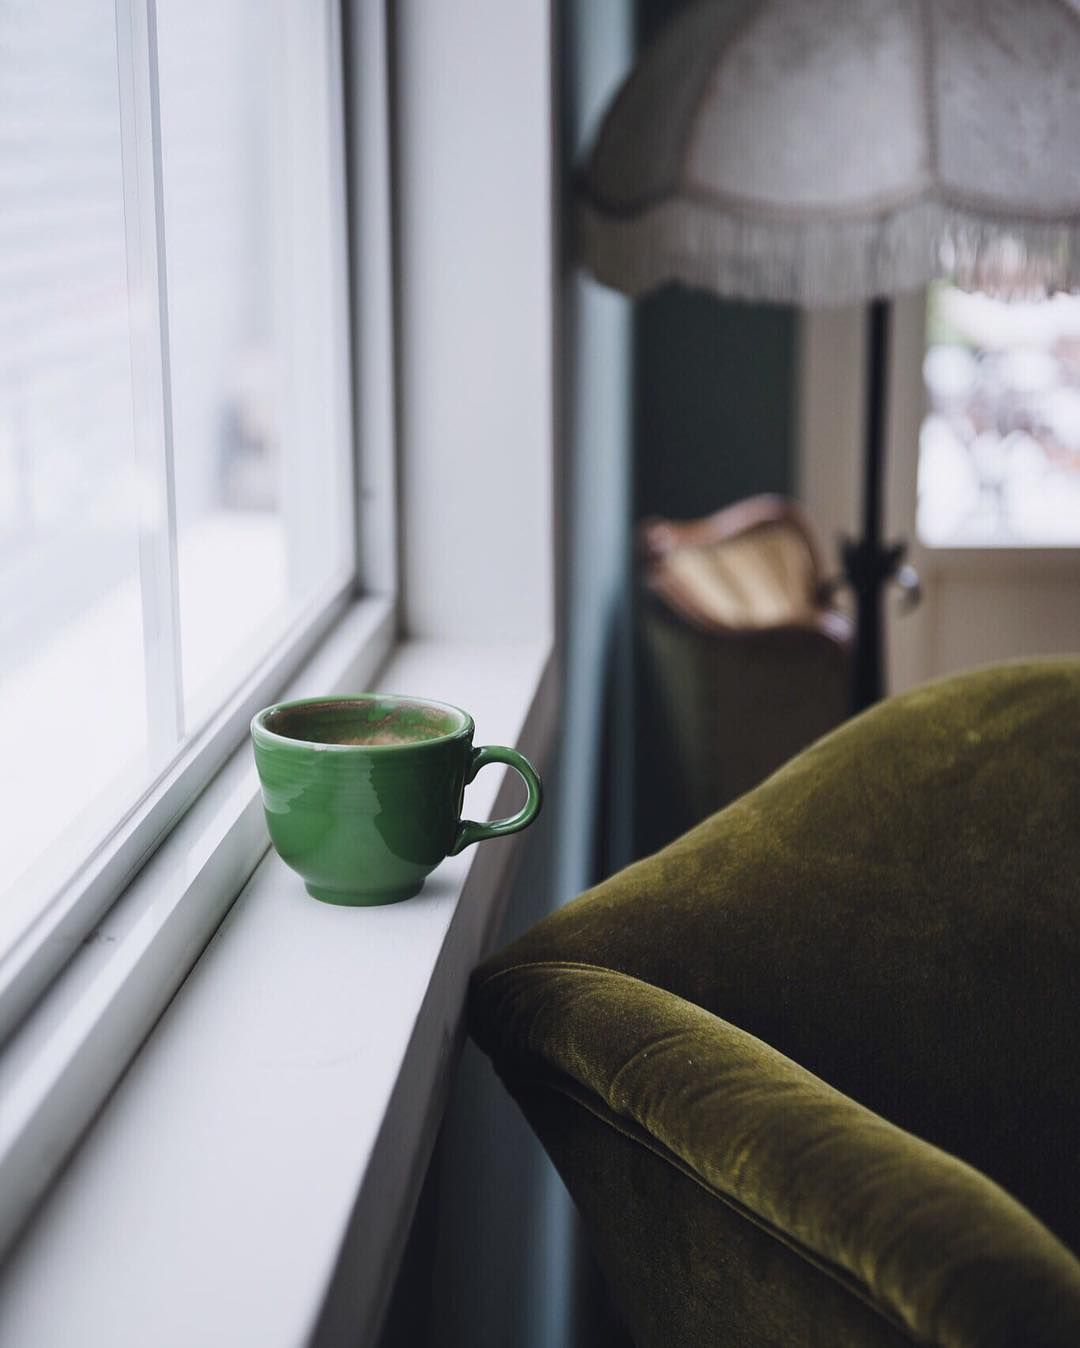 Reteta unei zile minunate incepe cu o cafea #lafereastramea.